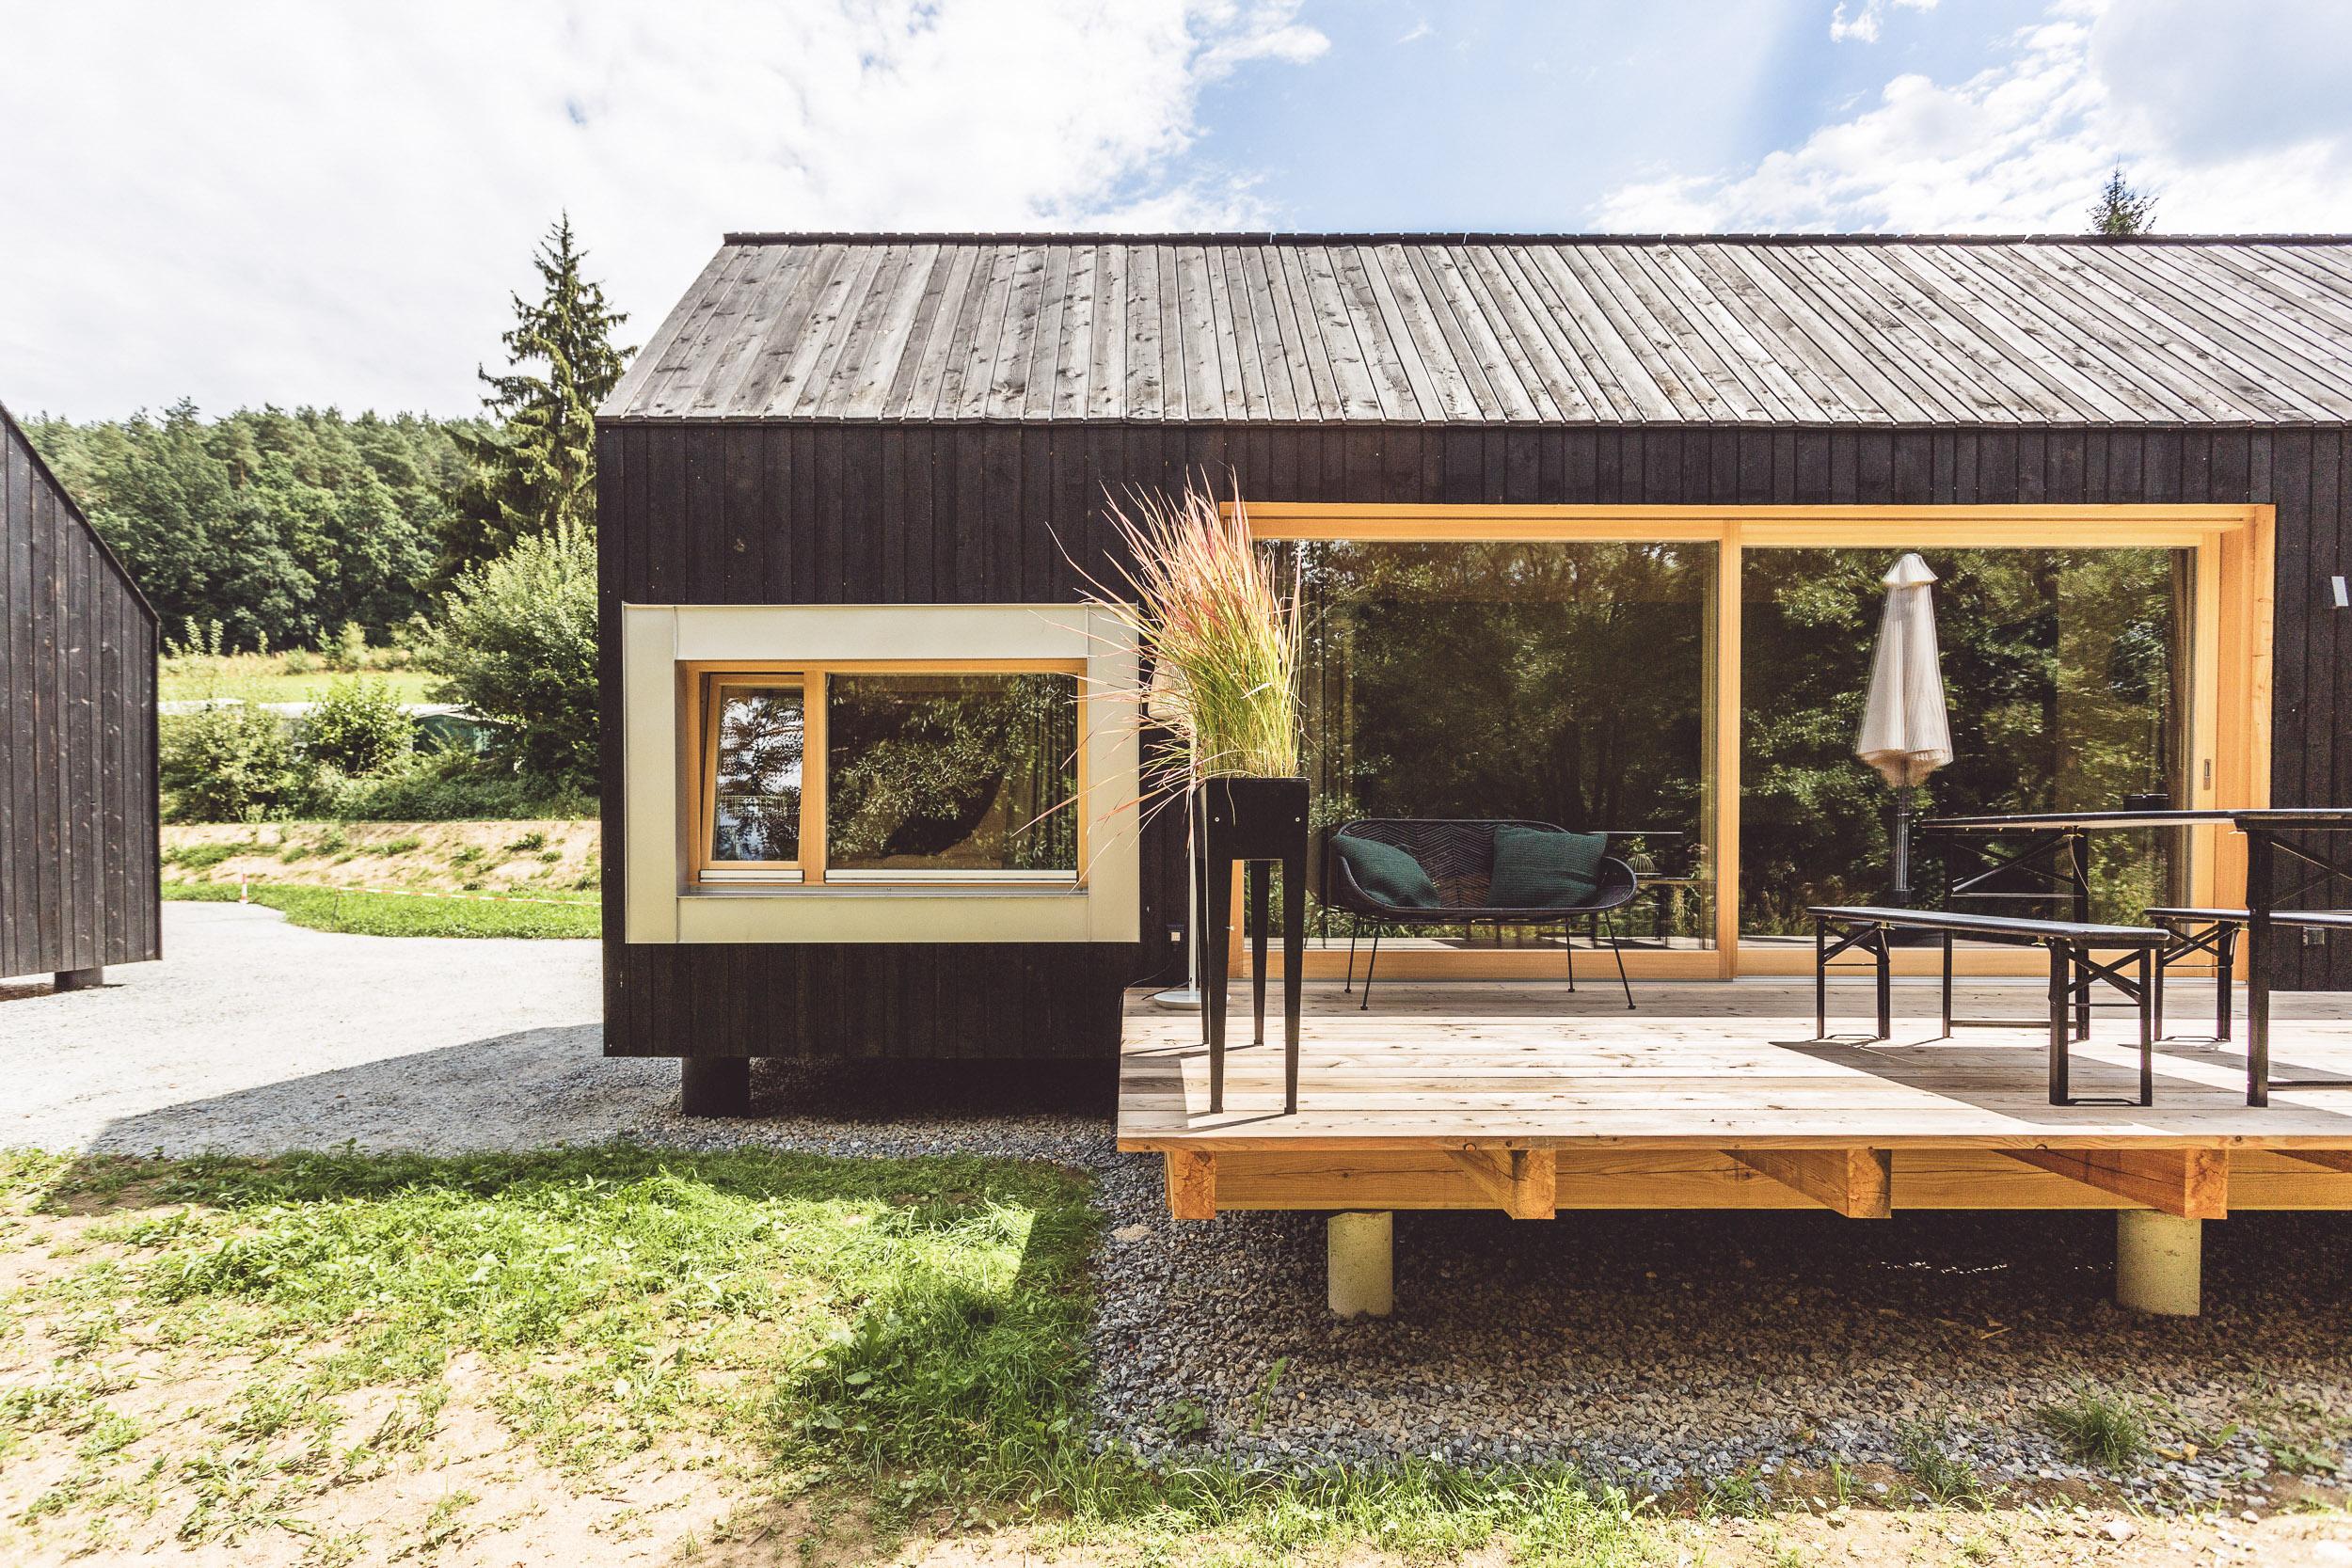 Luftige Eco Lodges der Schnitzmühle - Komfort mit Abenteuercharakter.